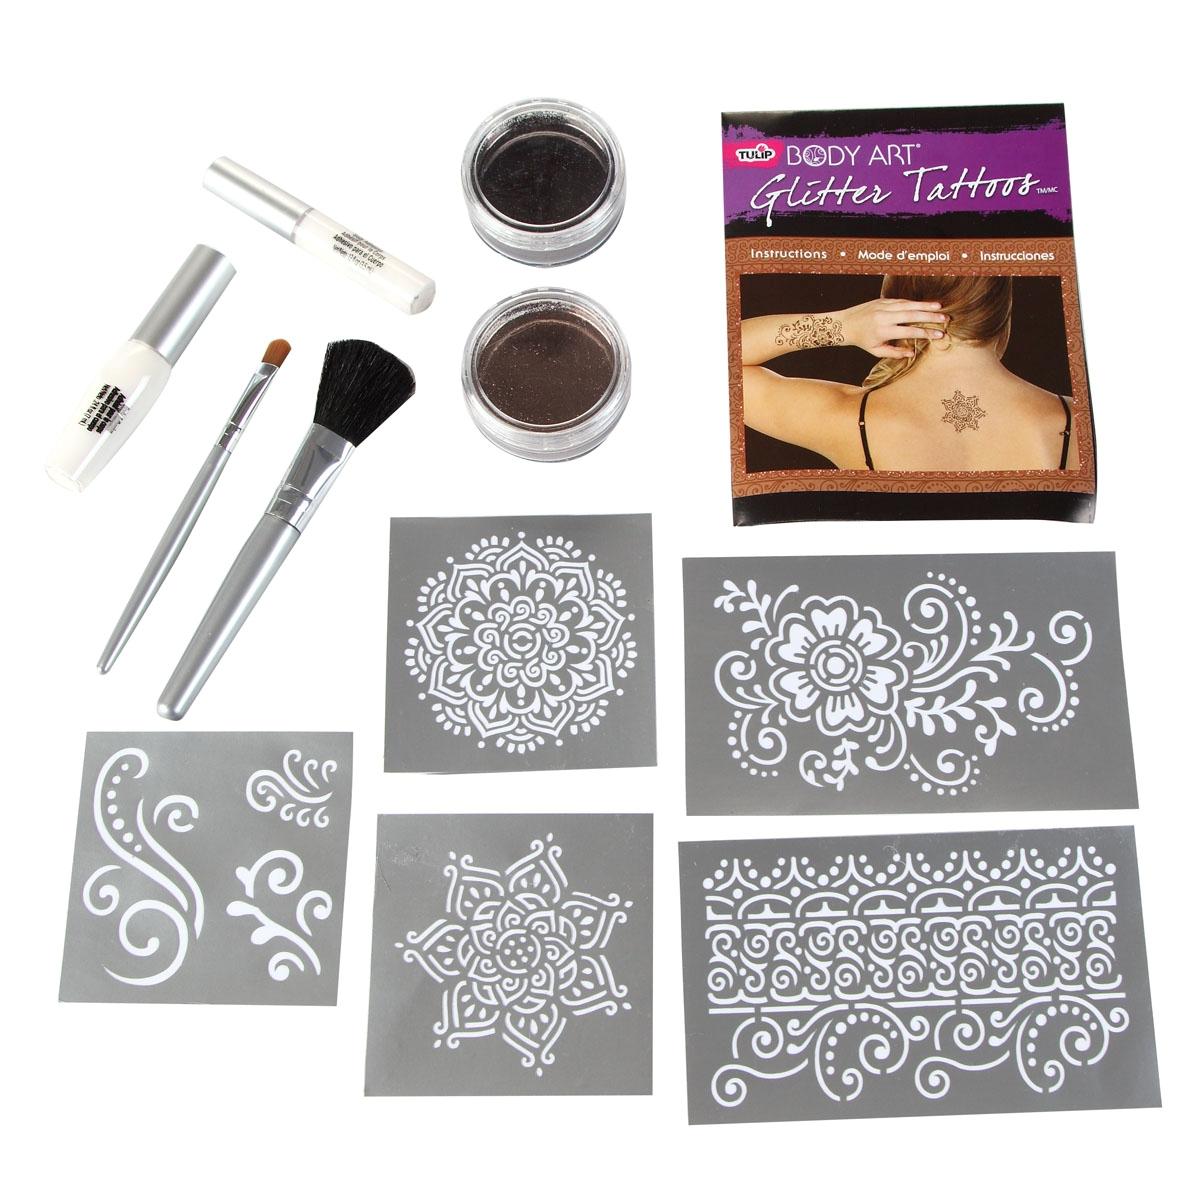 0046986_tulip-body-art-glitter-tattoo-kit-henna